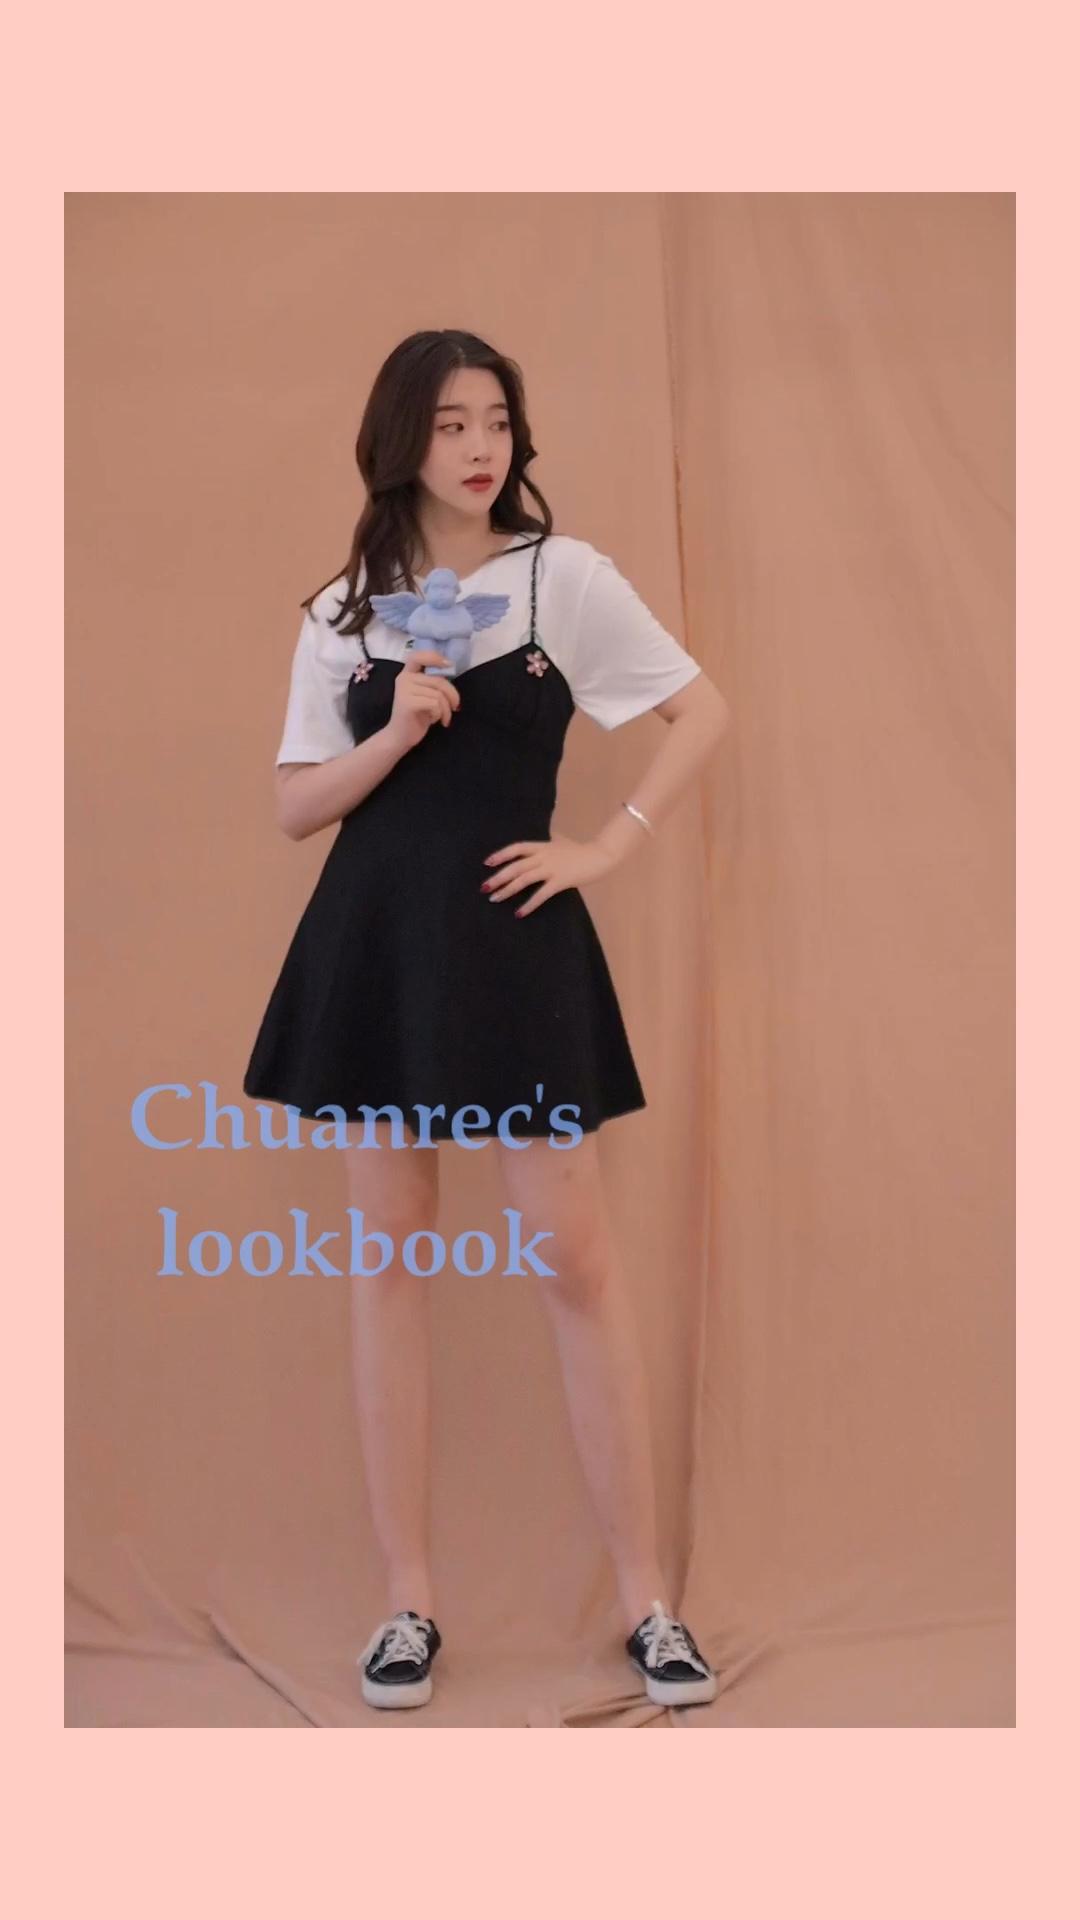 #蘑菇街新品测评# 非常低调高级的小连衣裙,很显身材,超级可爱有气质,微张的裙摆,超级好看!